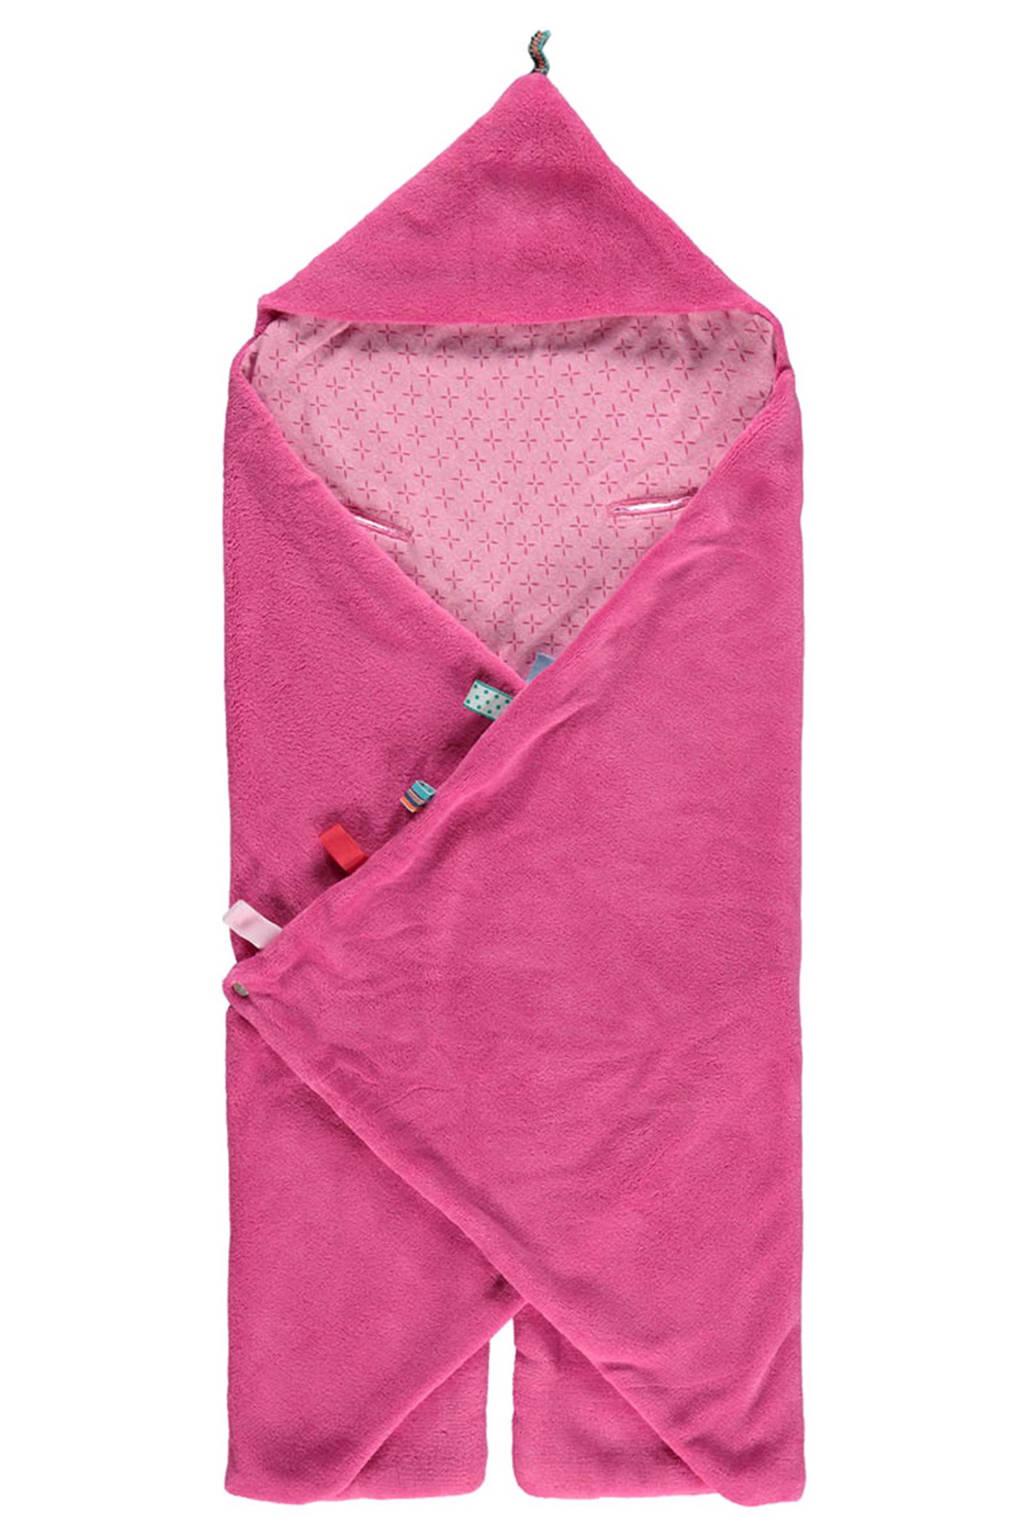 Snoozebaby Trendy Wrapping wikkeldeken funky pink, Funky Pink